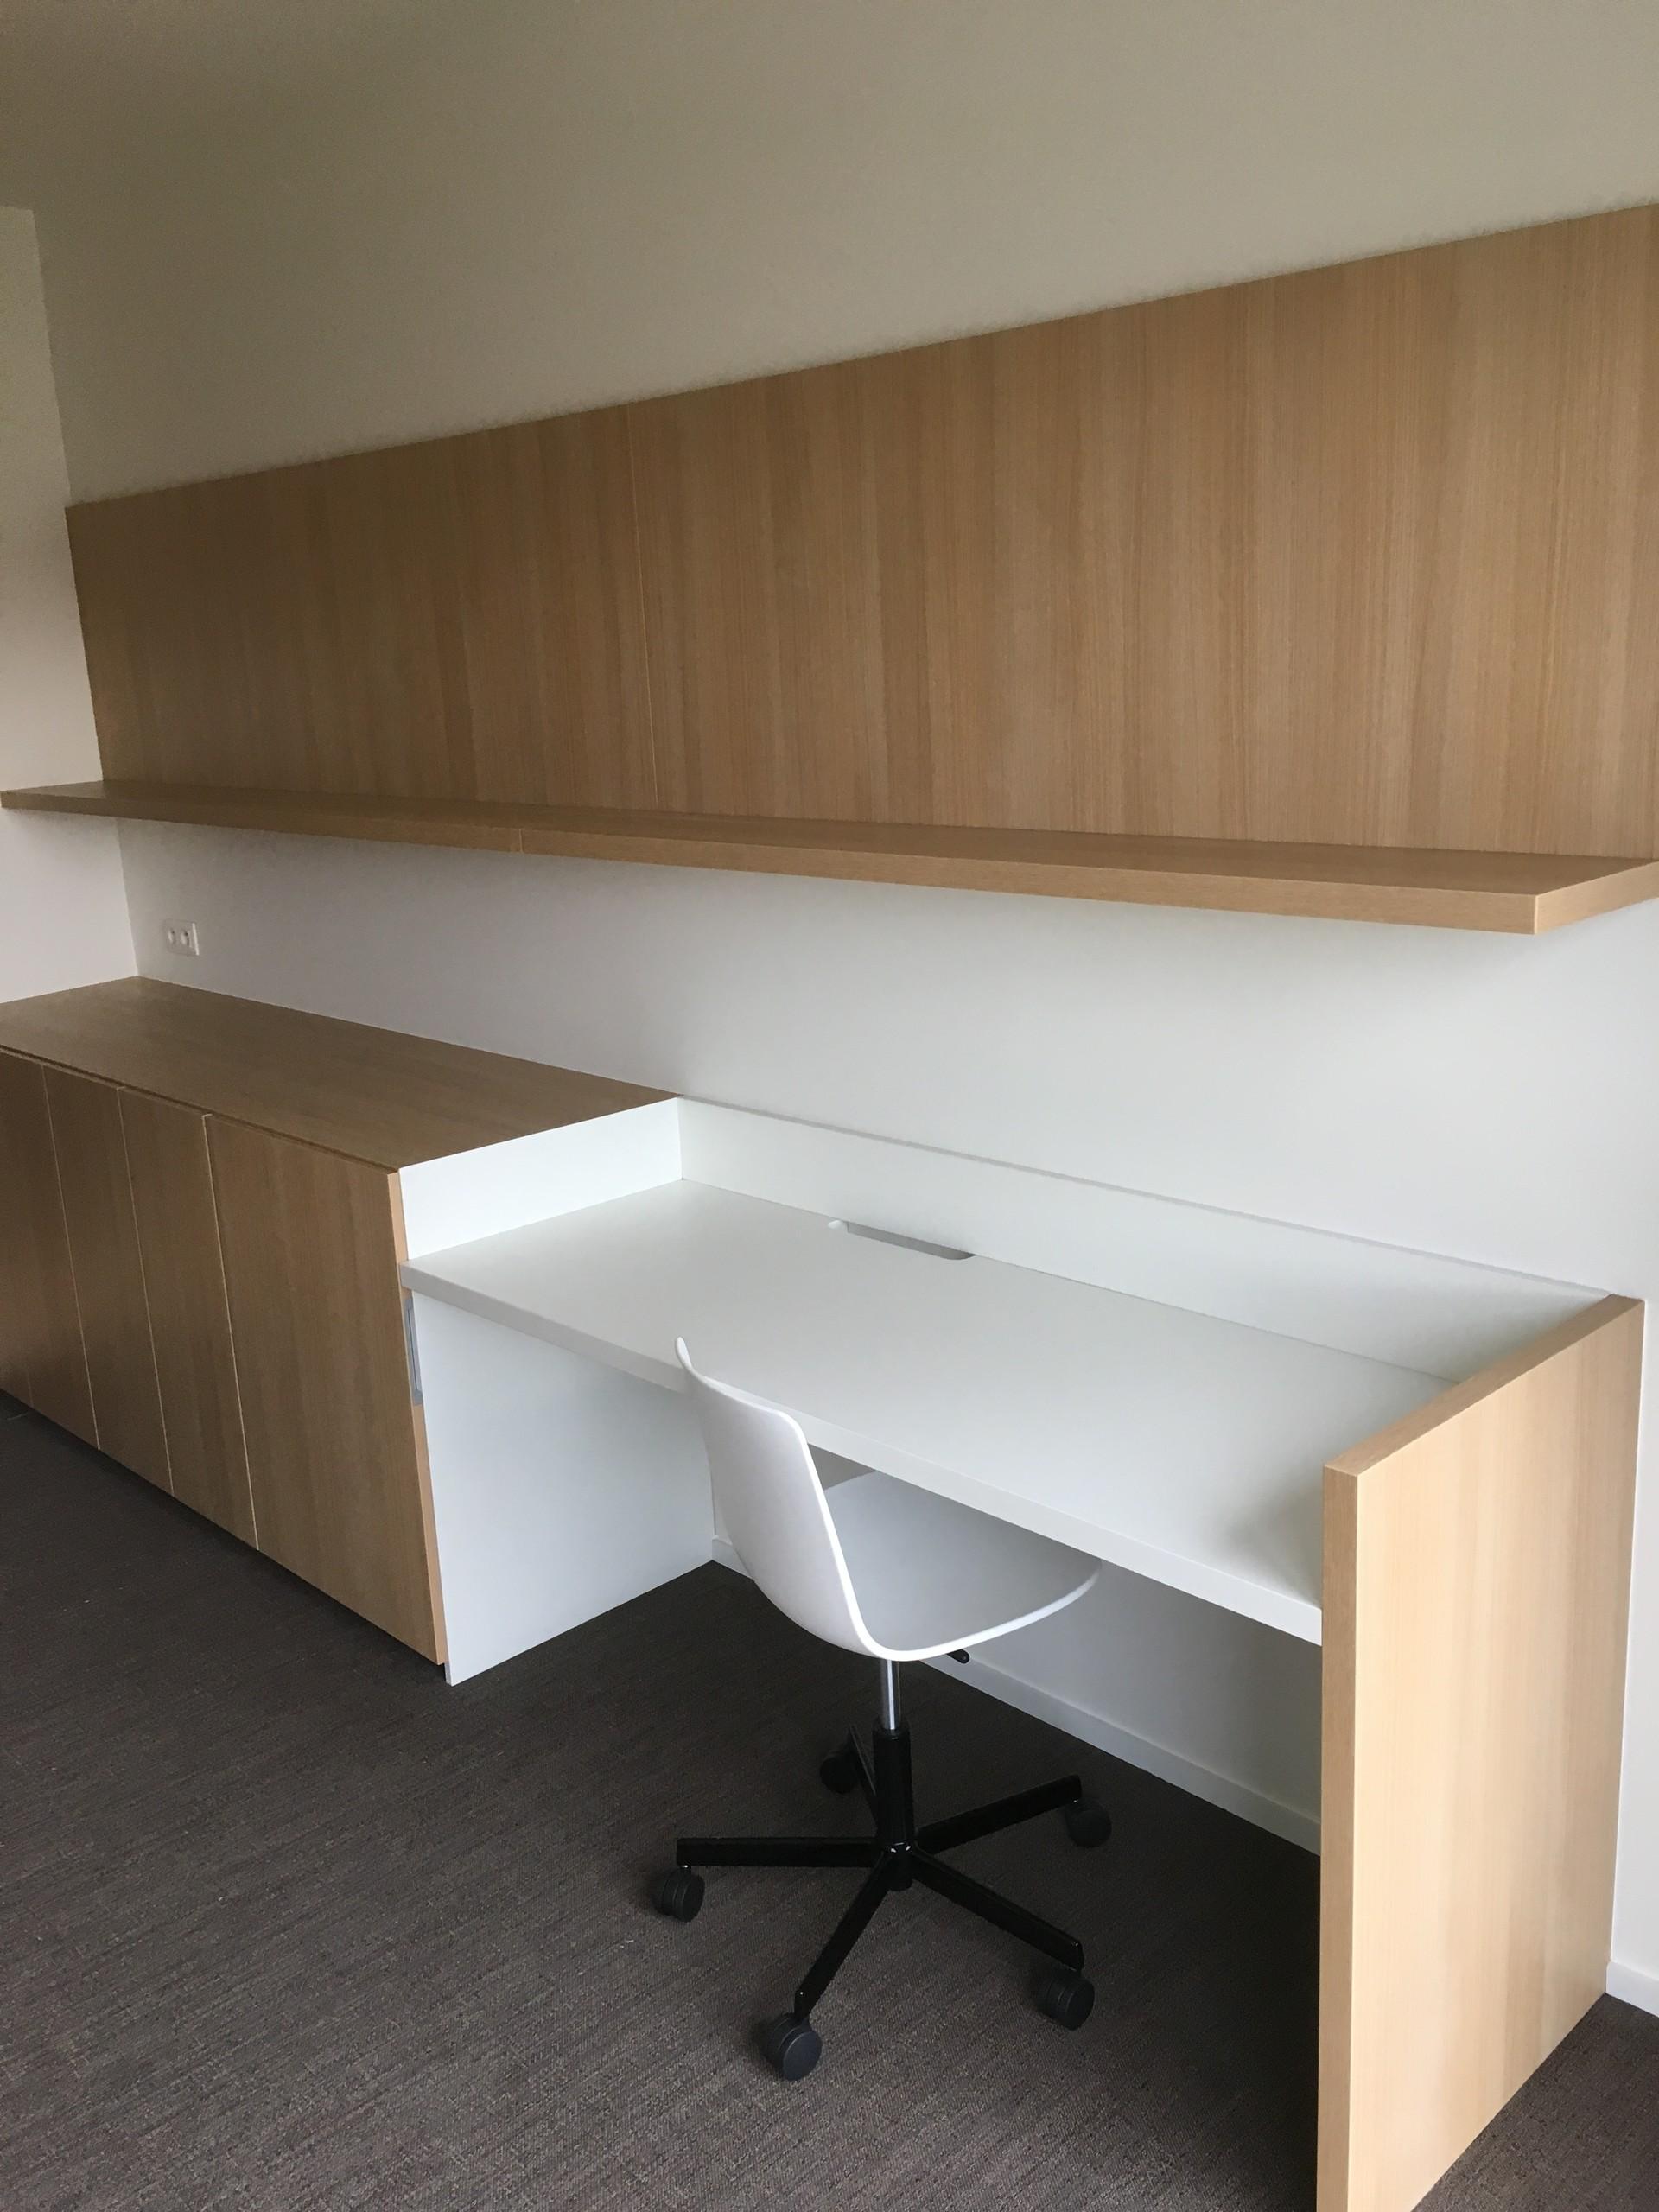 student-room-rent-leuven-0d8fc3de3afa2c68cff984173419eb55